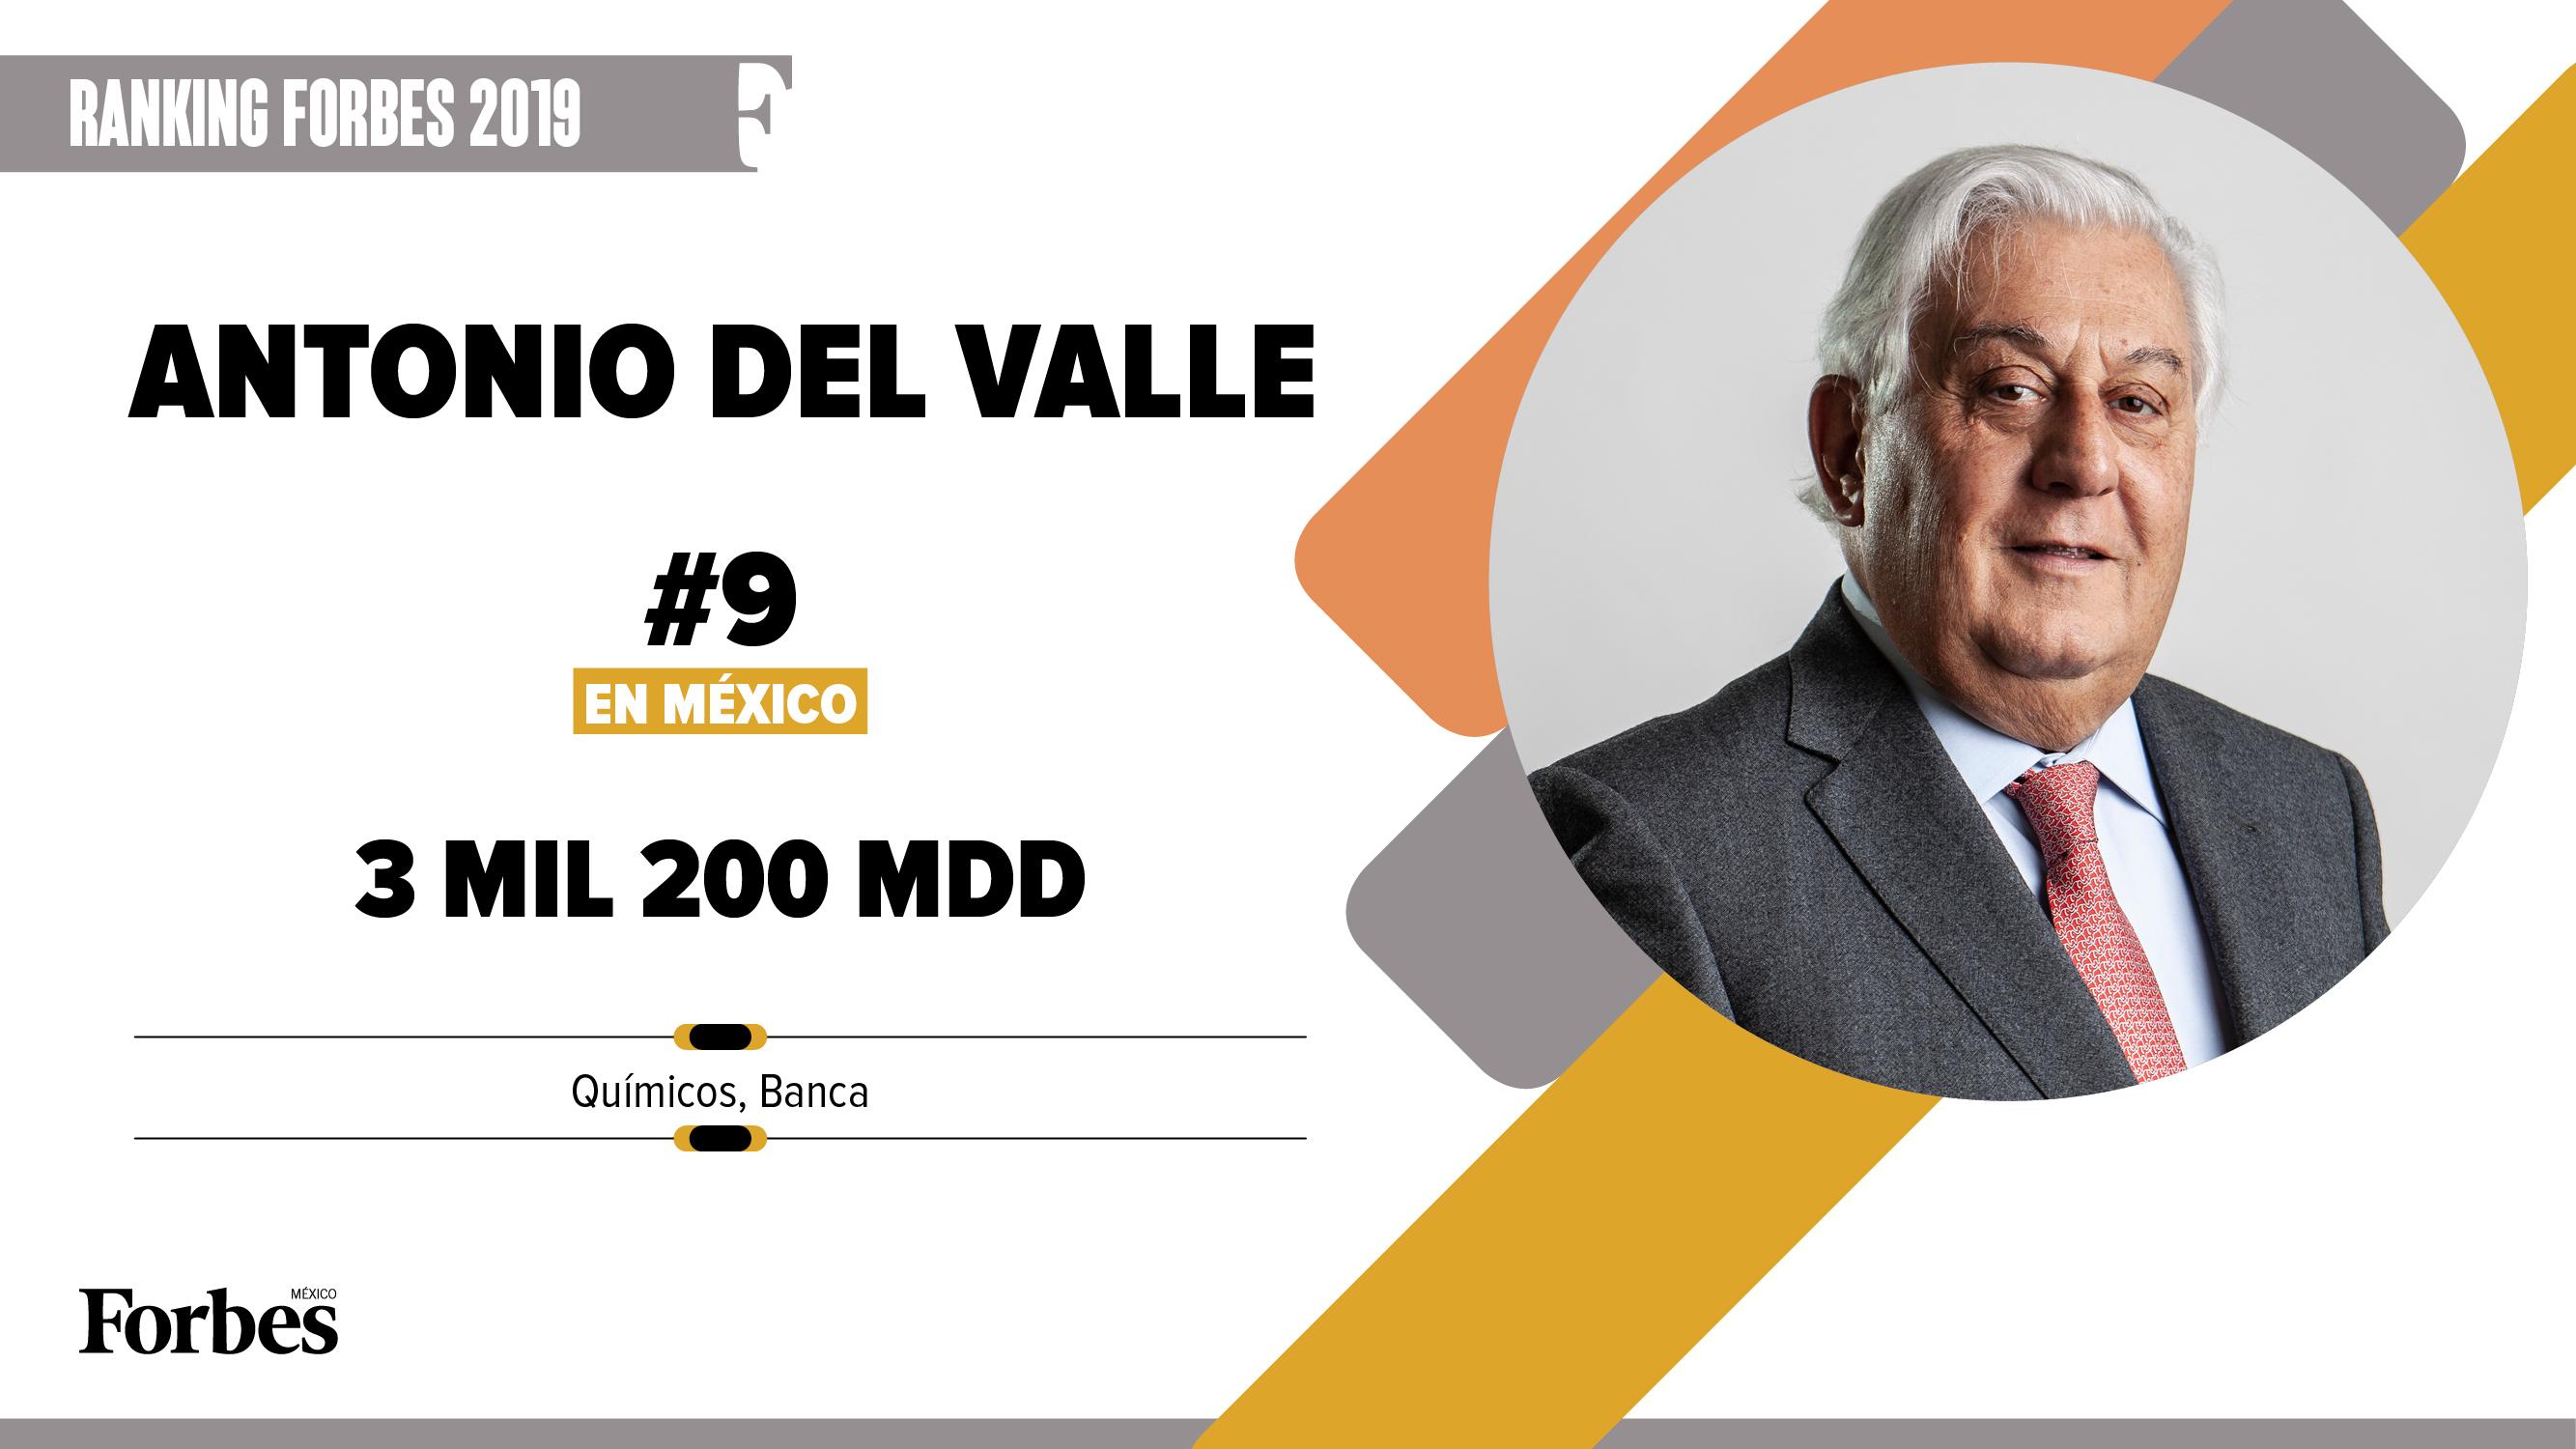 Billionaires 2019 | Antonio del Valle, resiliencia y nuevos bríos